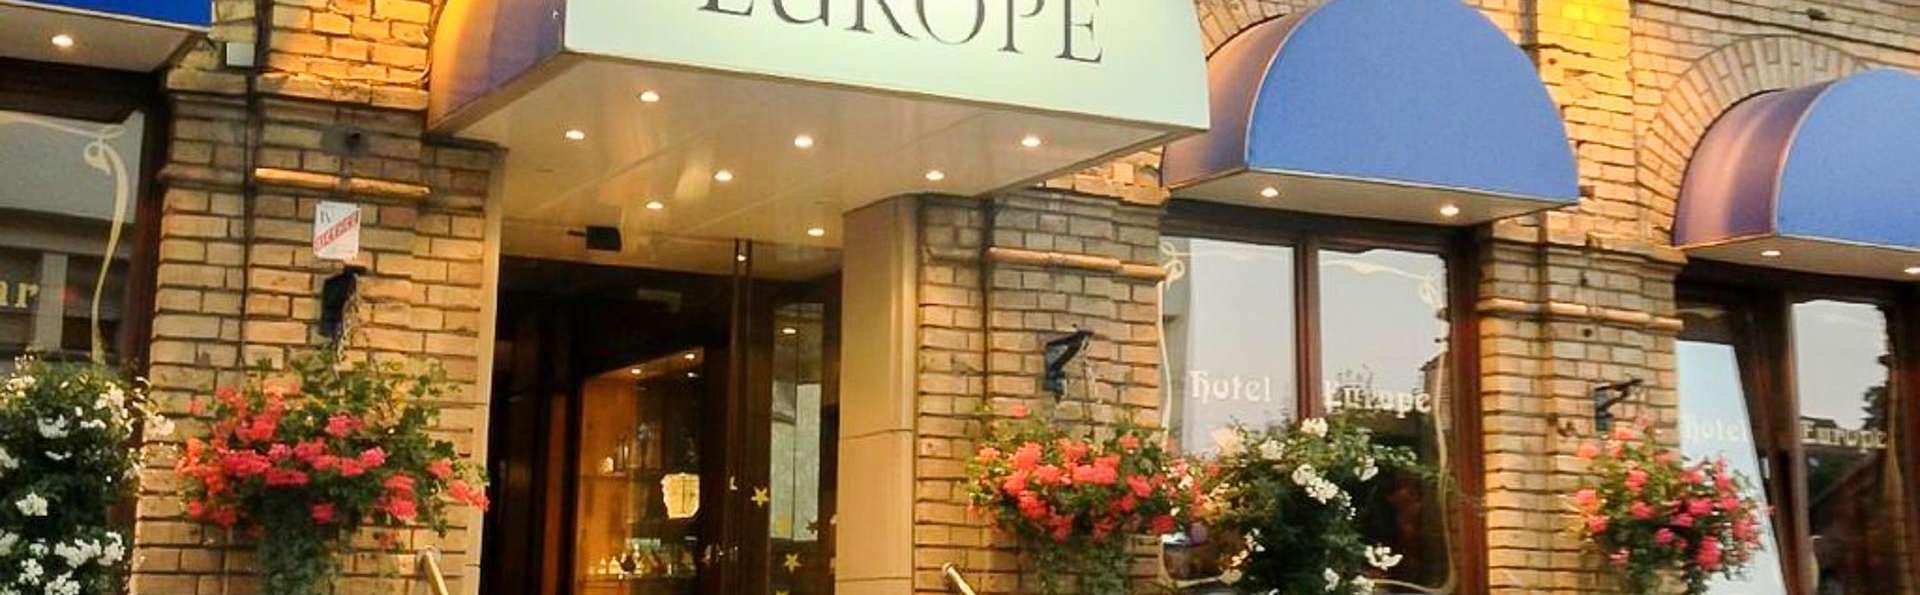 Hôtel EUROPE SAVERNE - EDIT_FRONT_01.jpg